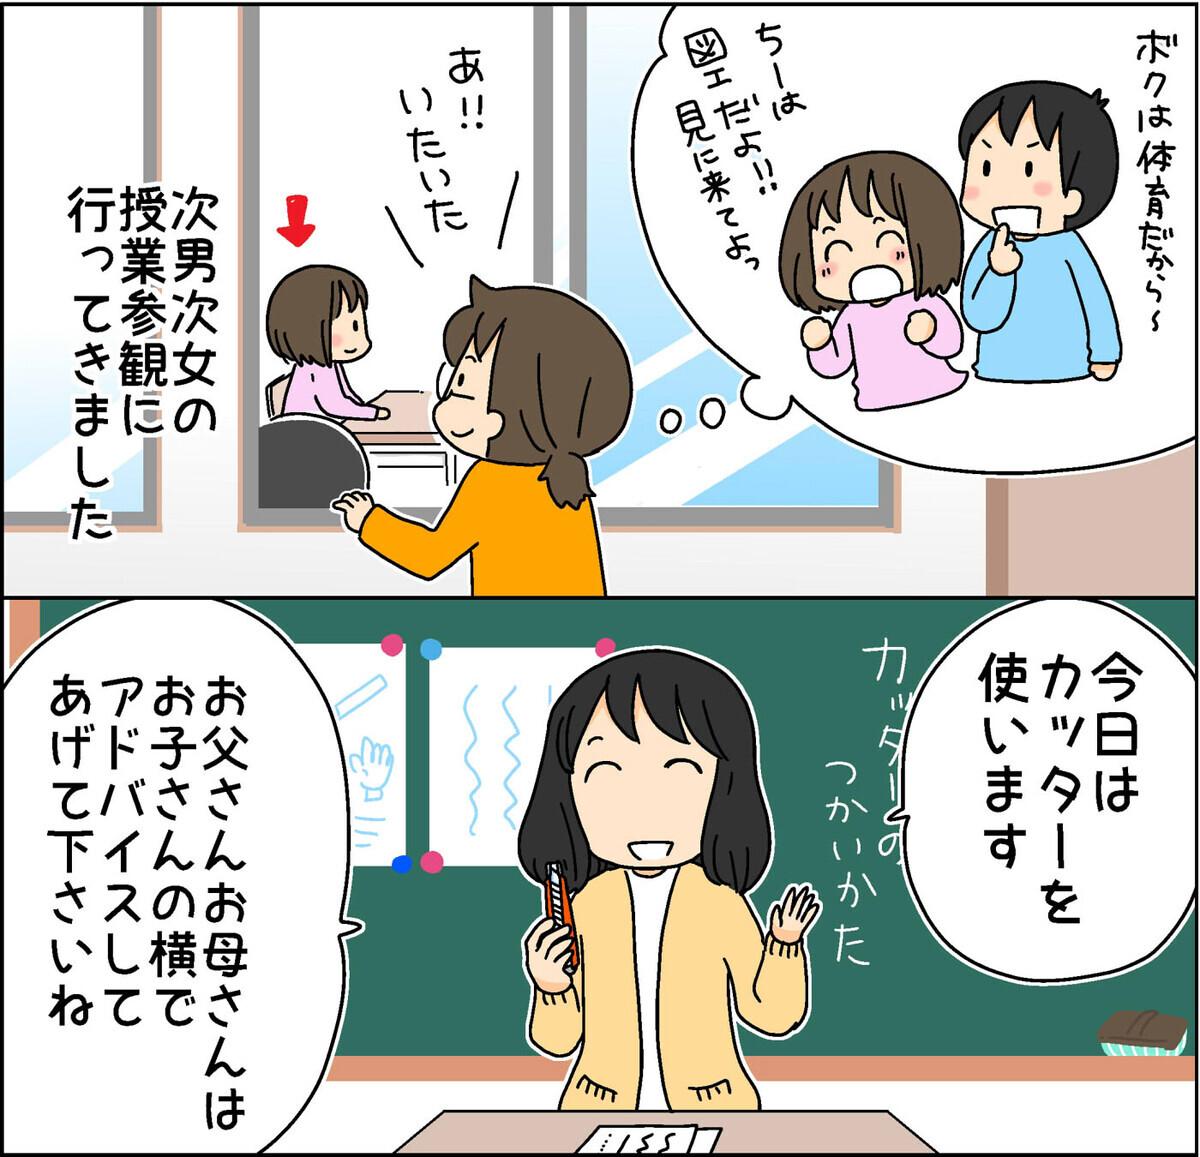 まだ改善されてなかった〜! 授業参観で再確認した次女の悪習慣【4人の子ども育ててます 第83話】